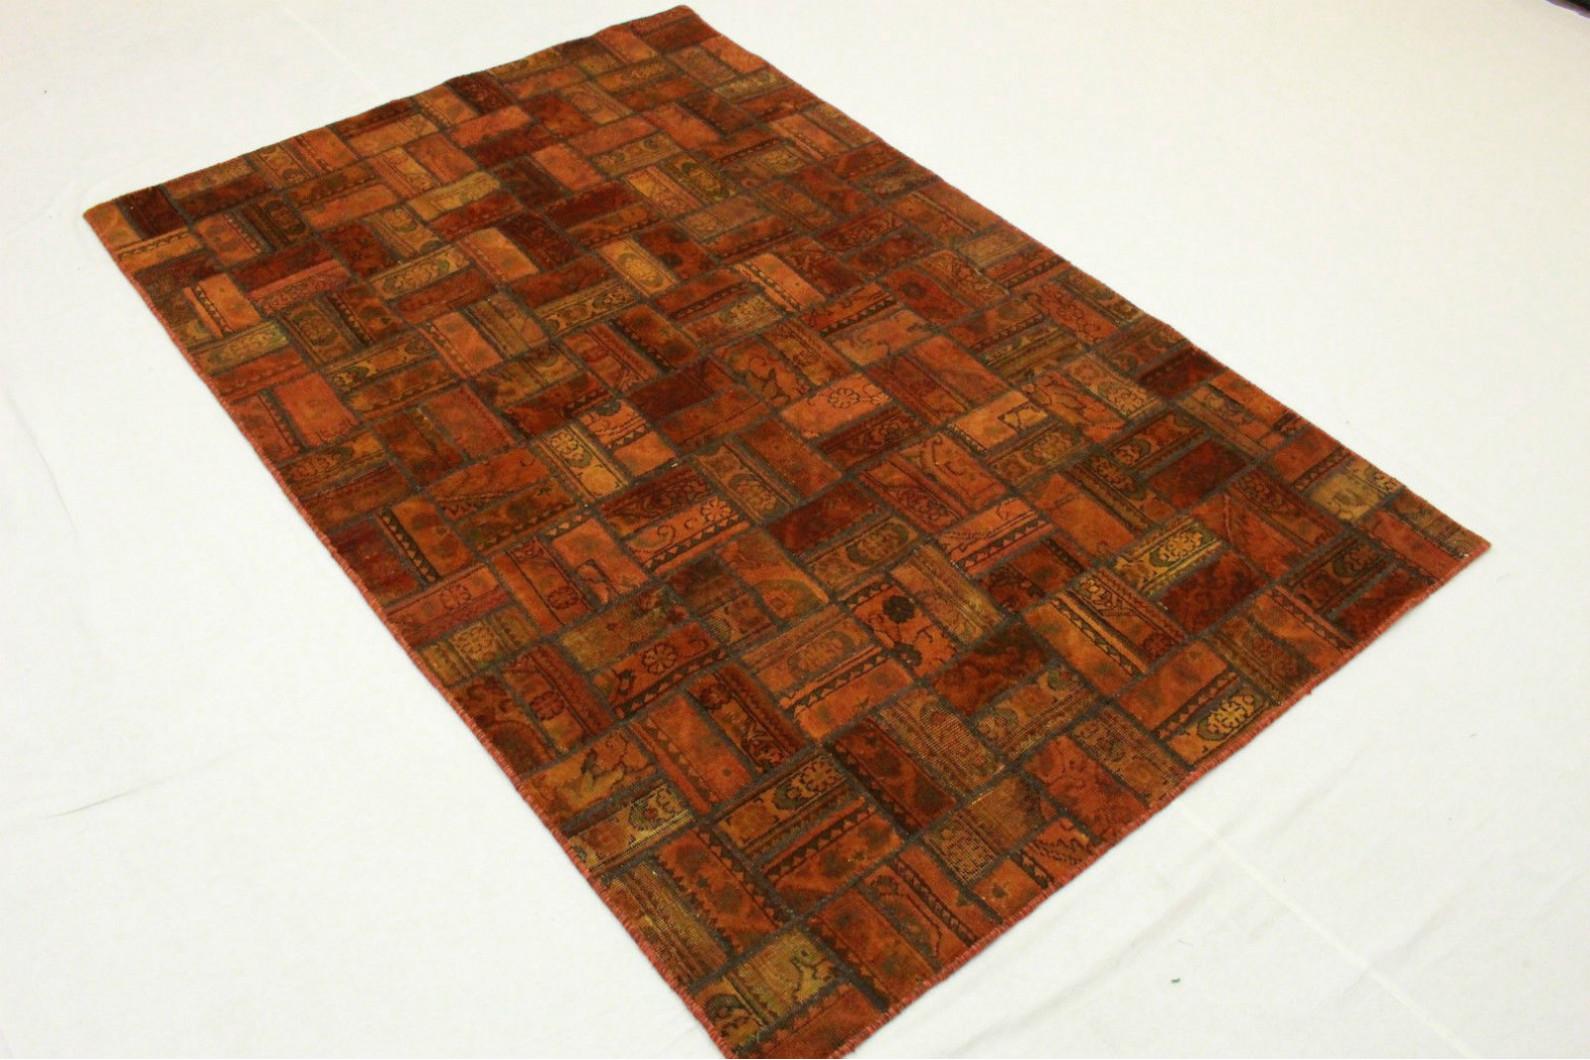 patchwork teppich orange braun in 250x160cm 1001 2075. Black Bedroom Furniture Sets. Home Design Ideas